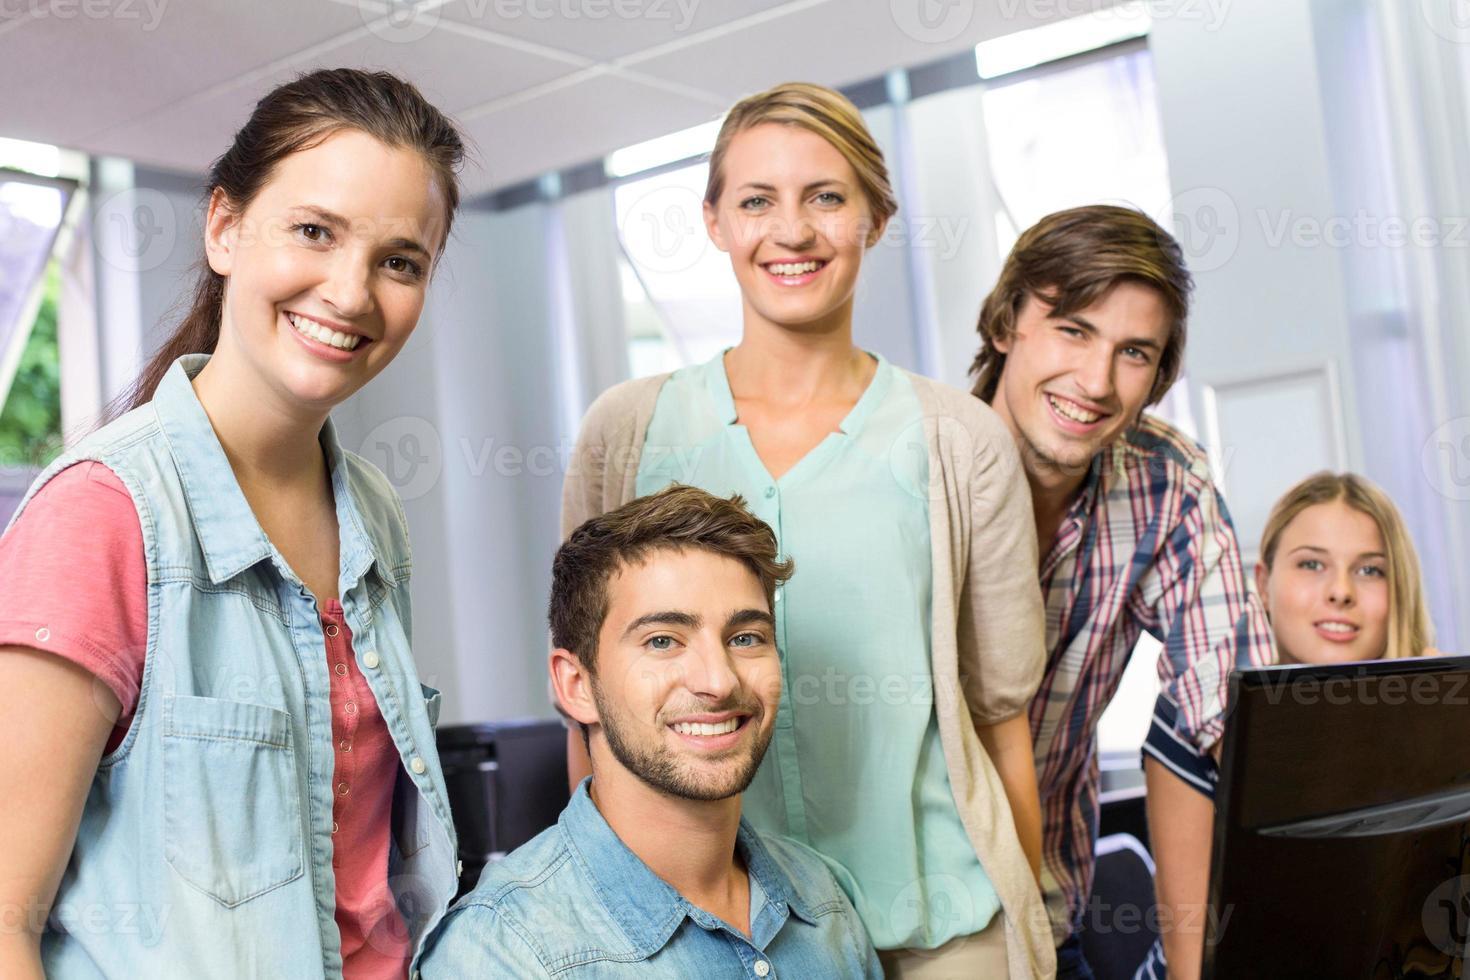 feliz profesora de informática y estudiantes foto